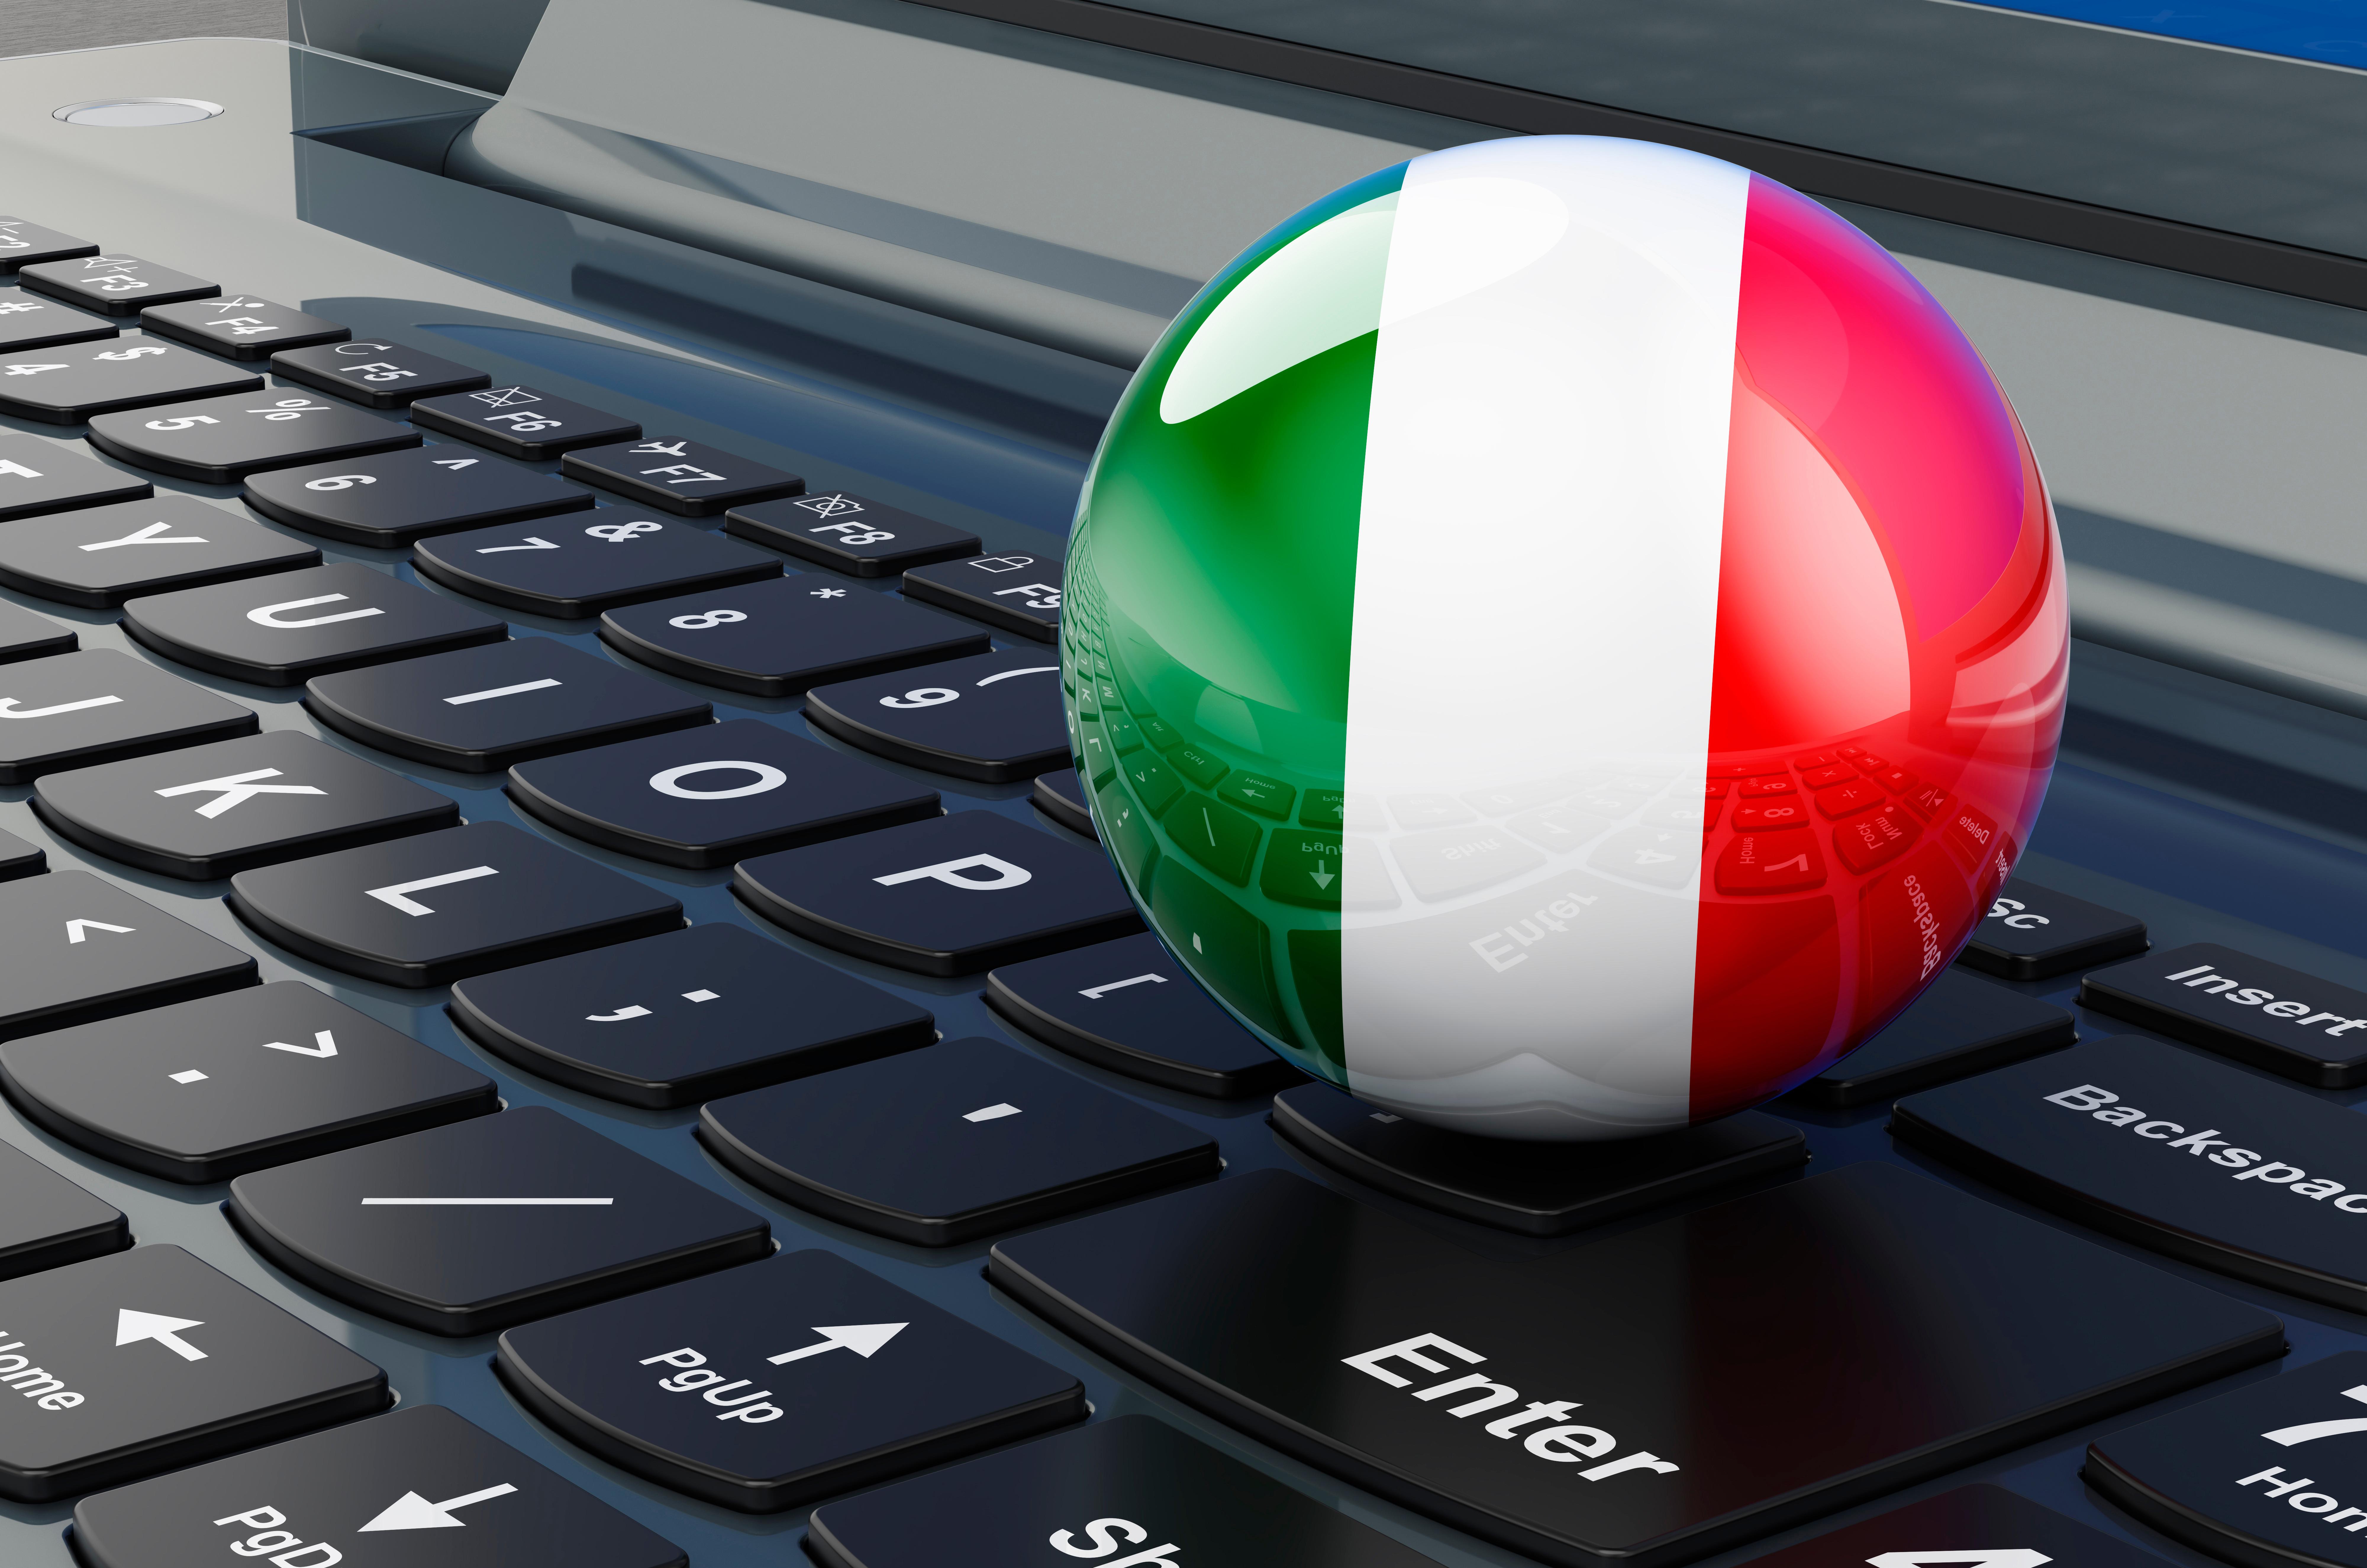 Клавиатура и флаг Италии, работа в которой доступна для русских